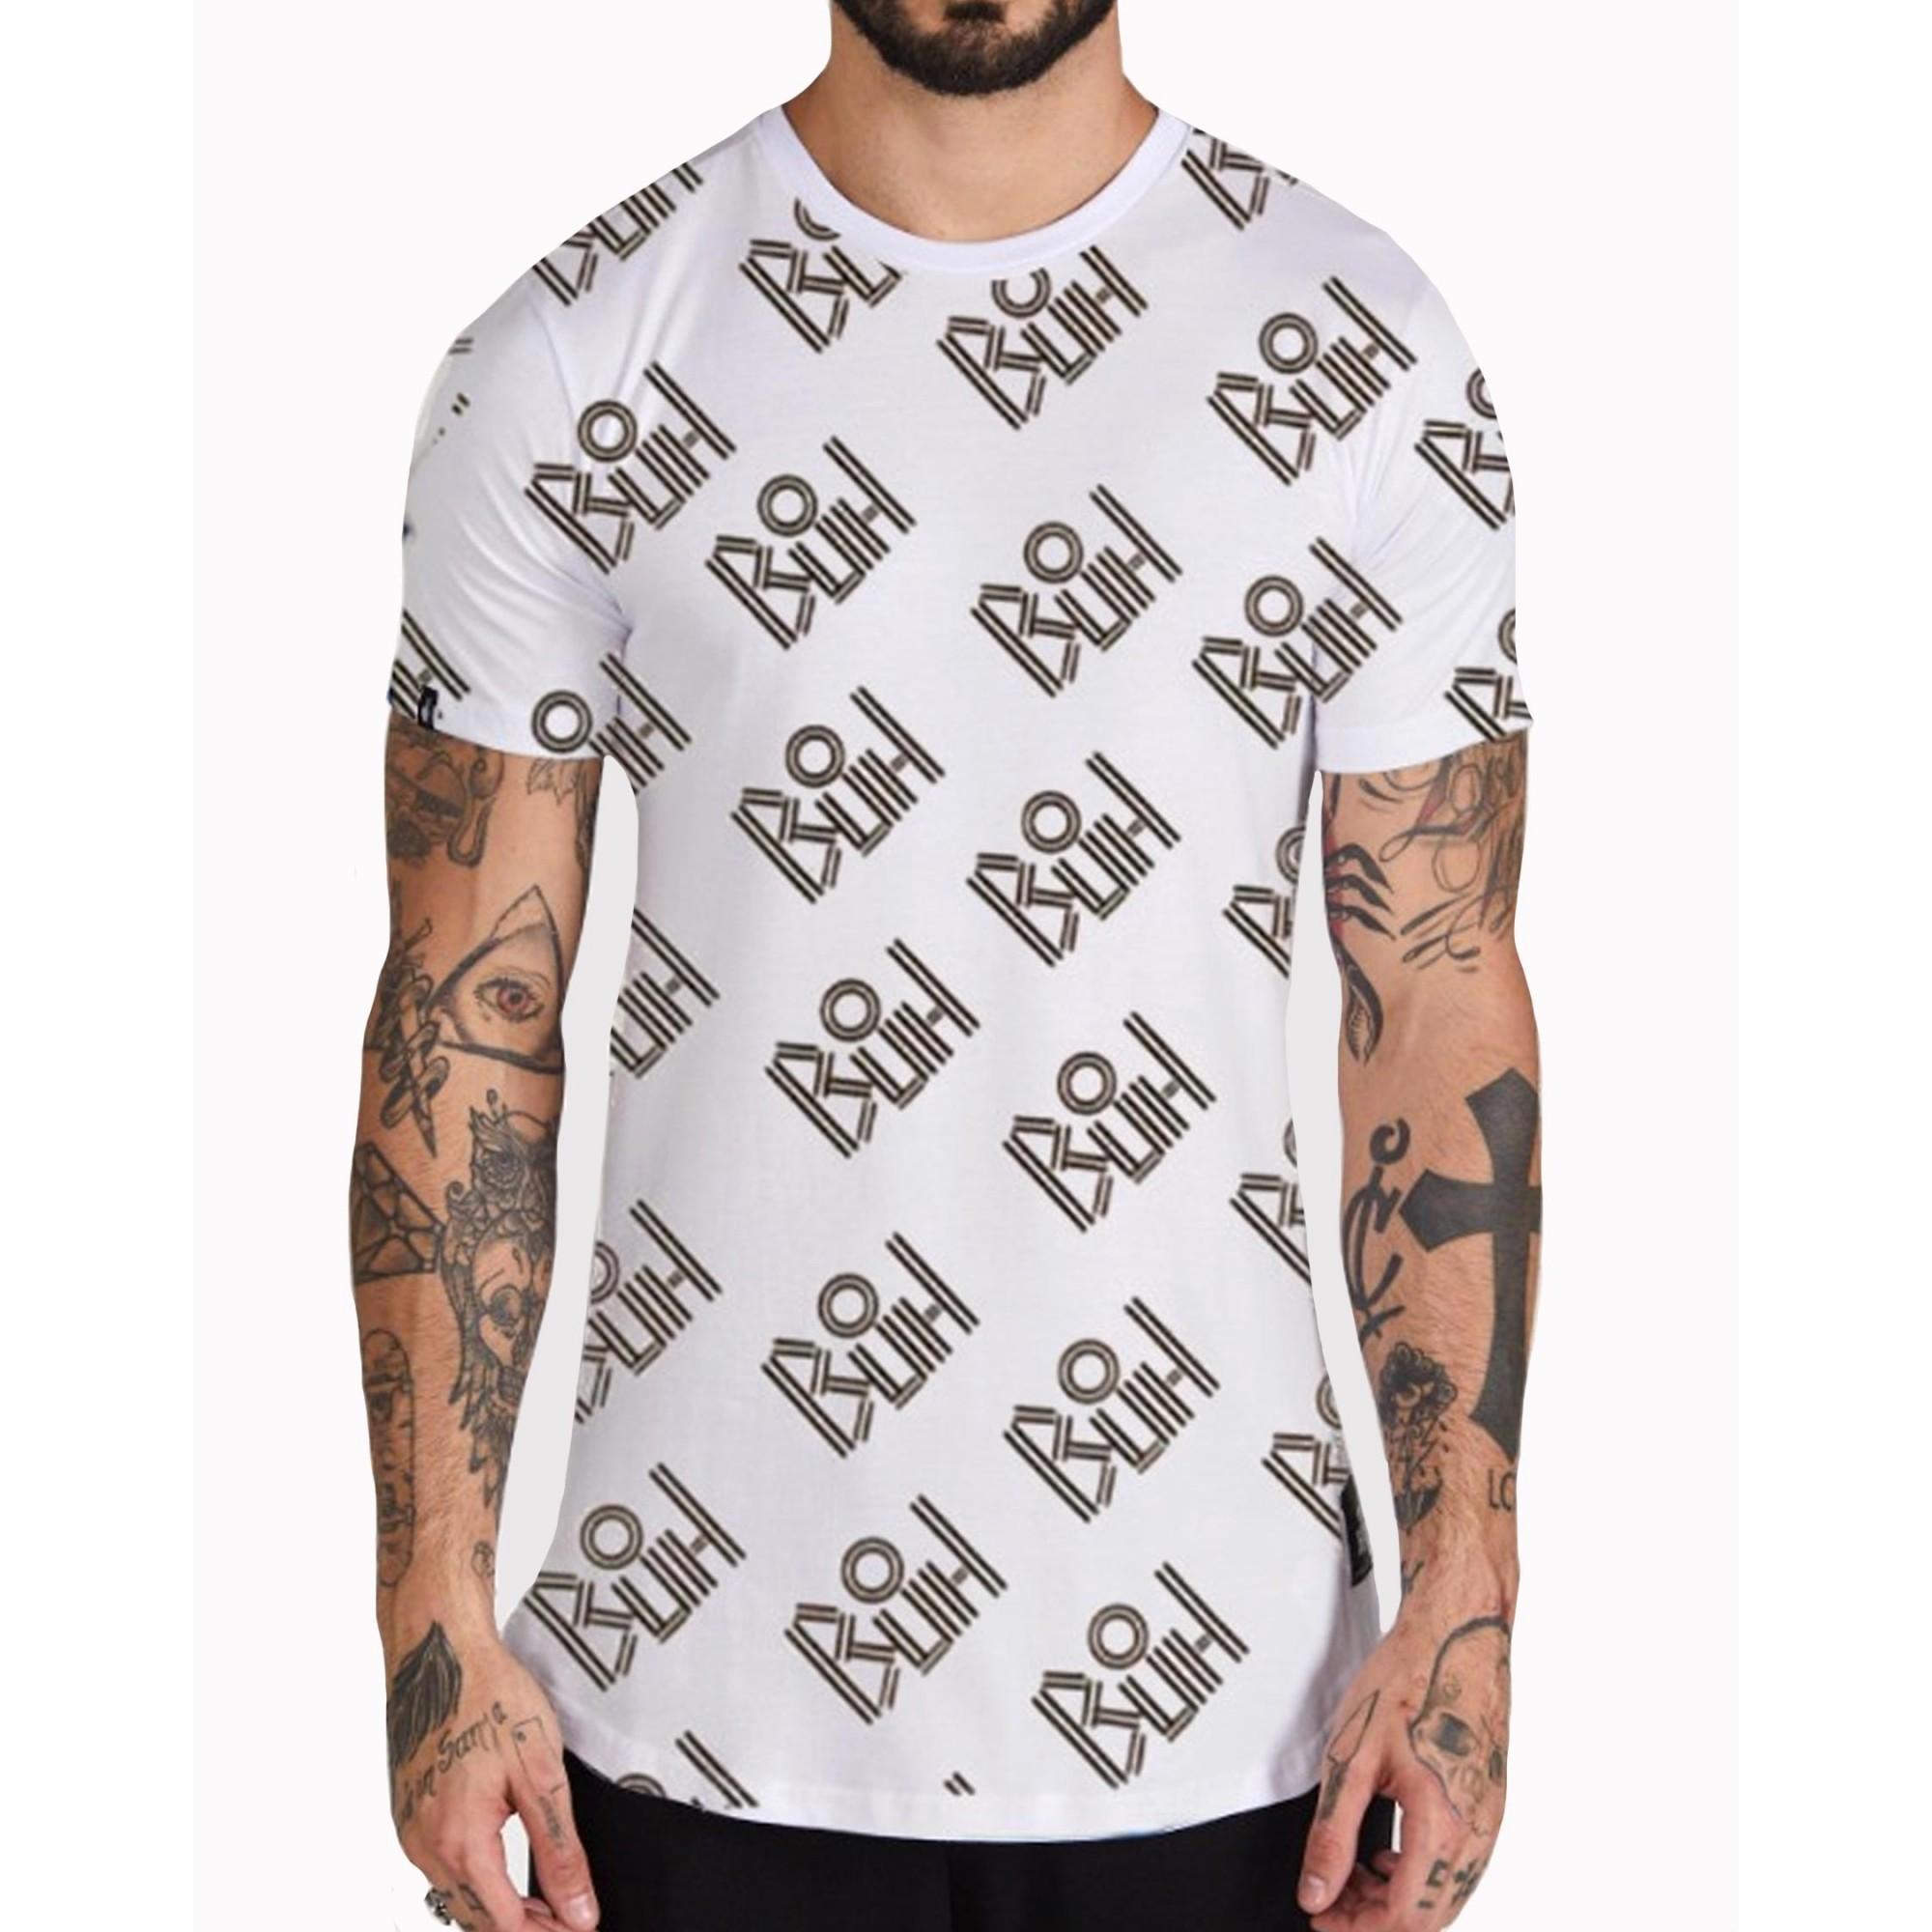 Camiseta Buh Full BuhManiaco White